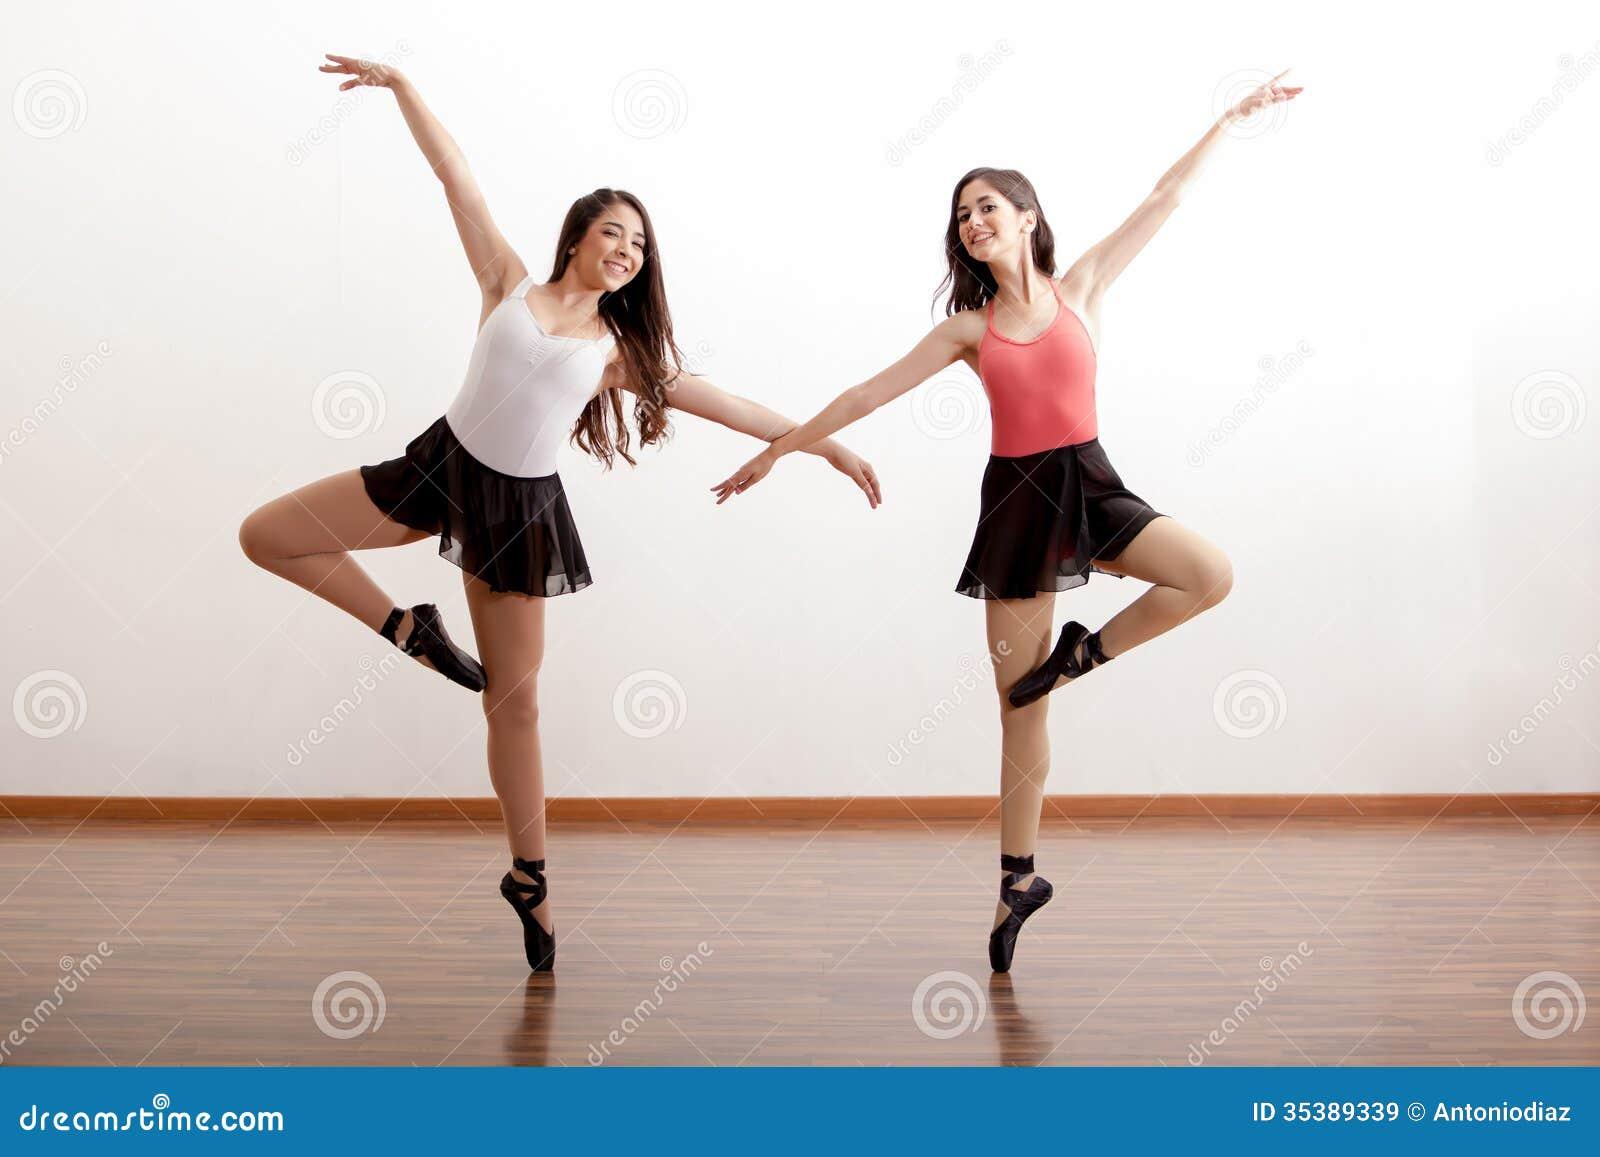 Happy Ballet Dancers In A Studio Stock Image - Image of